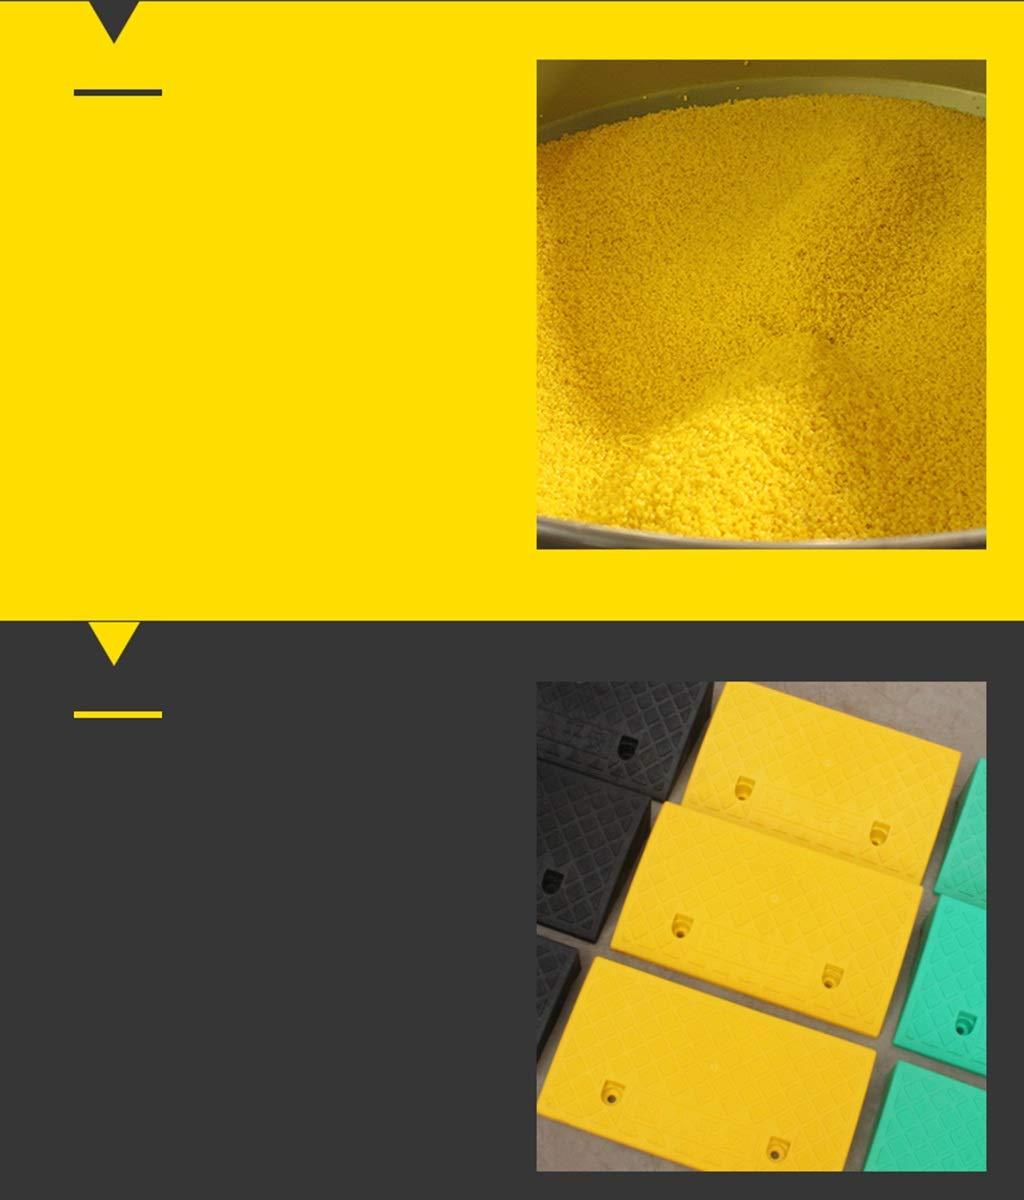 Q-kerb Q-kerb Q-kerb ramps Kunststoff Slope Pad, Schritt Straße Zahn Aufstieg Pad Die Mall Parkplatz Autowäsche Dreieck Pad Slope Pad Schwelle Rampen, 5-9 cm (Farbe   Gelb, größe   50  27  7CM) B07NPC4G4B | Exquisite (in) Verarbeitung  c9eb65